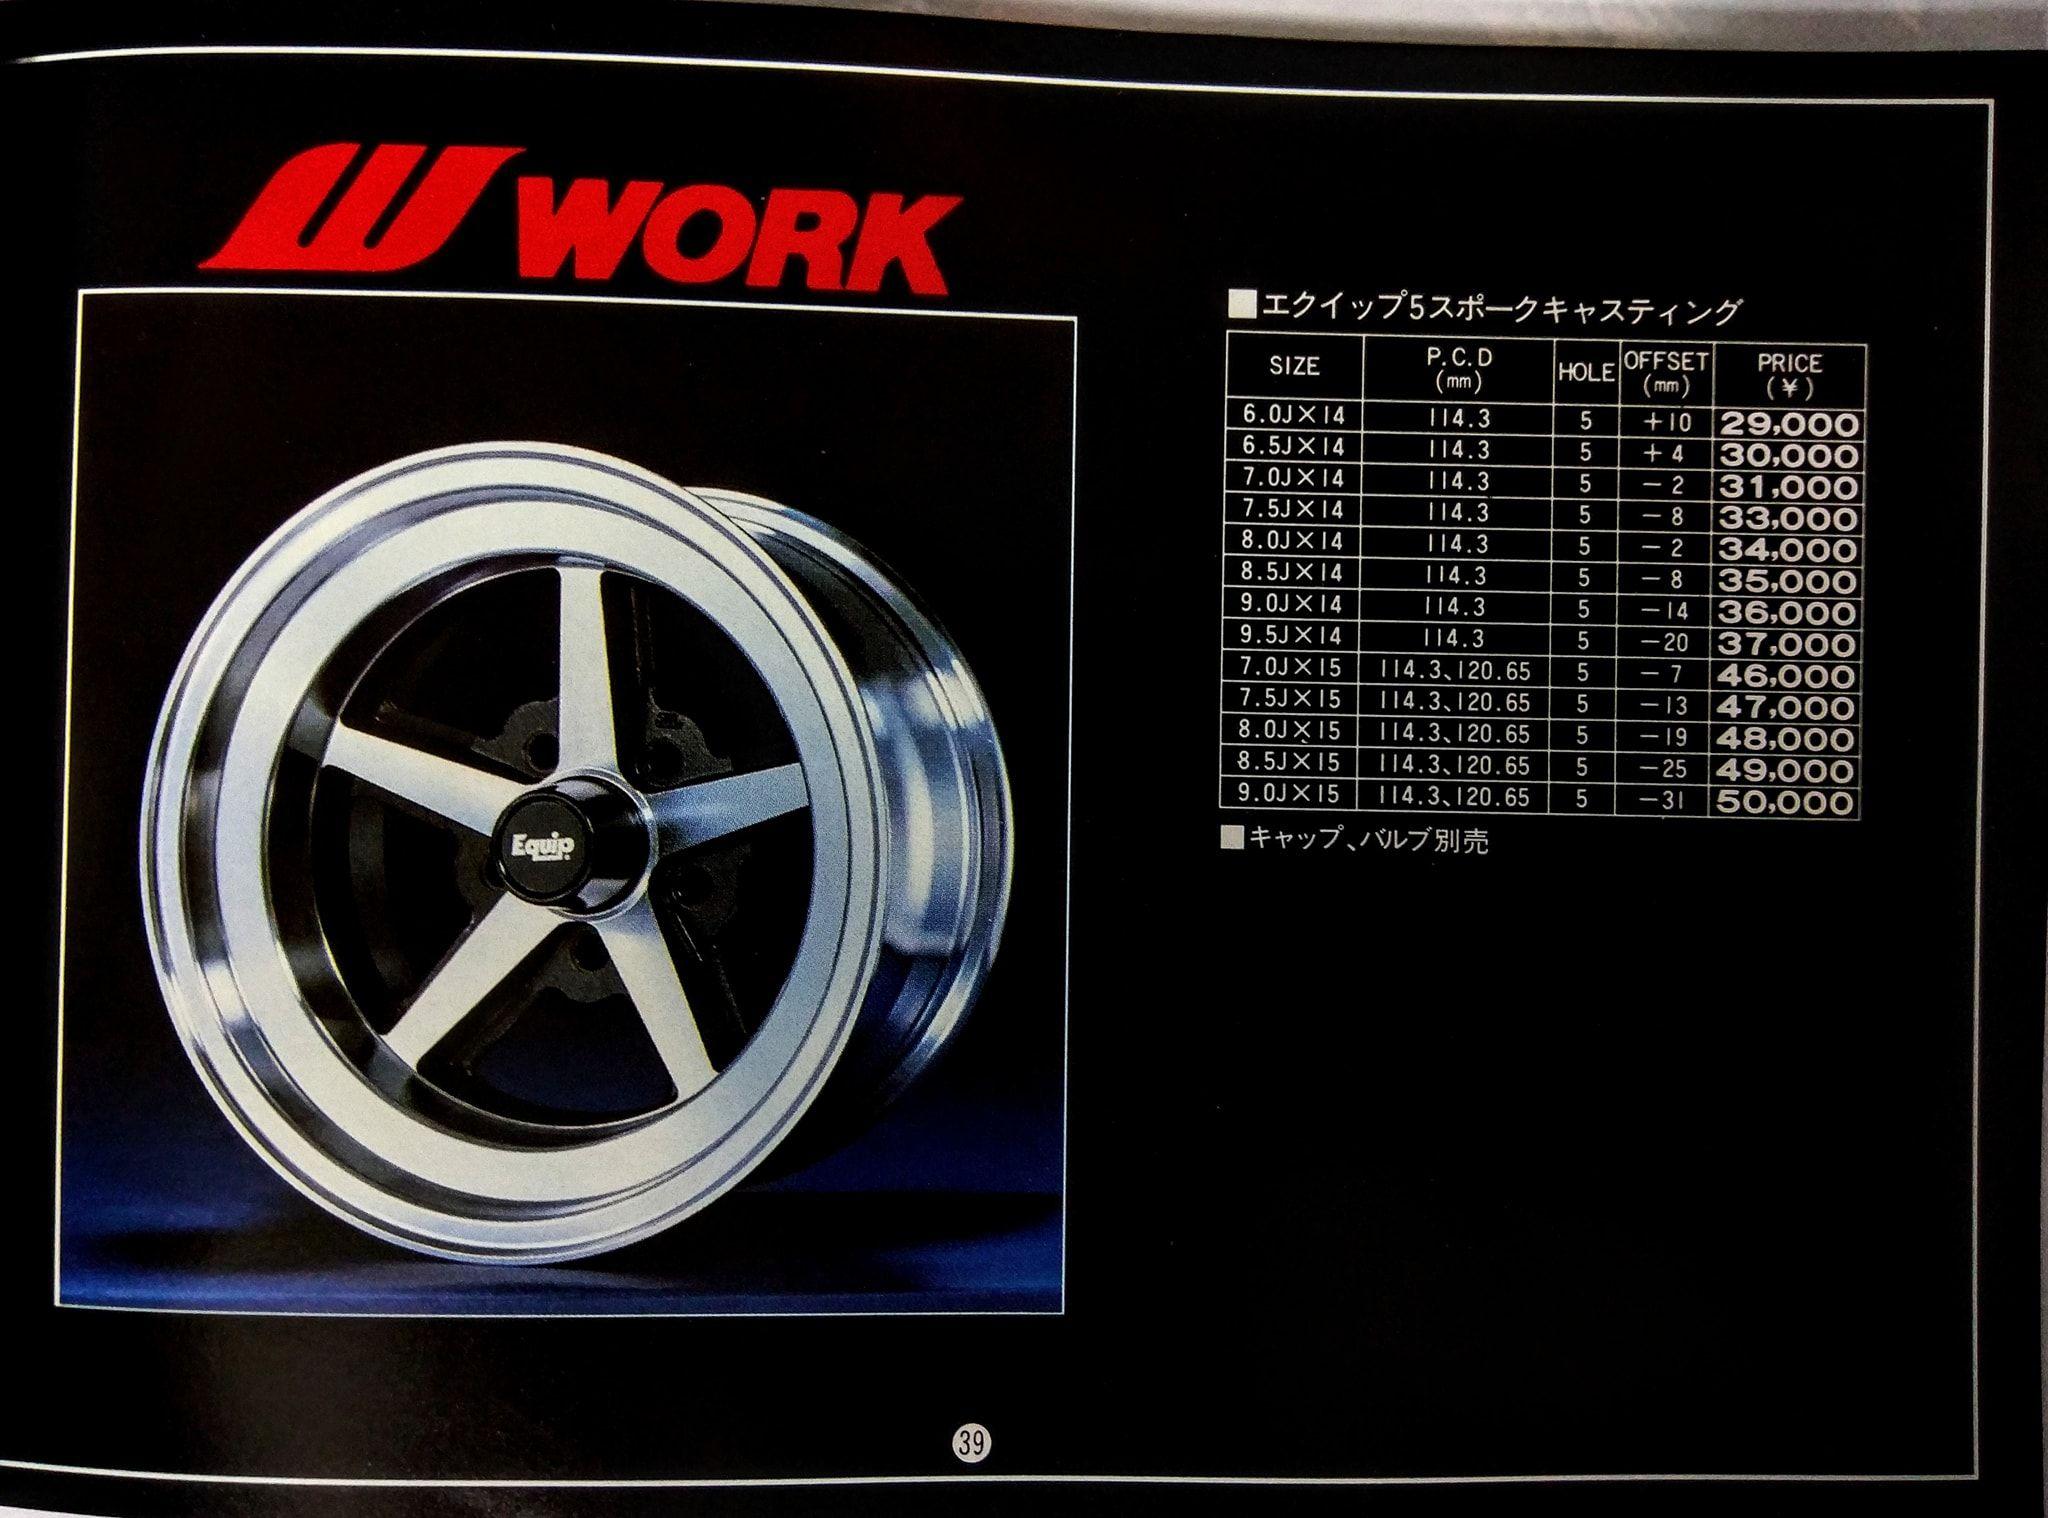 Jdm Wheels Catalogs おしゃれまとめの人気アイデア Pinterest Badjays ホイール 街道レーサー レーサー